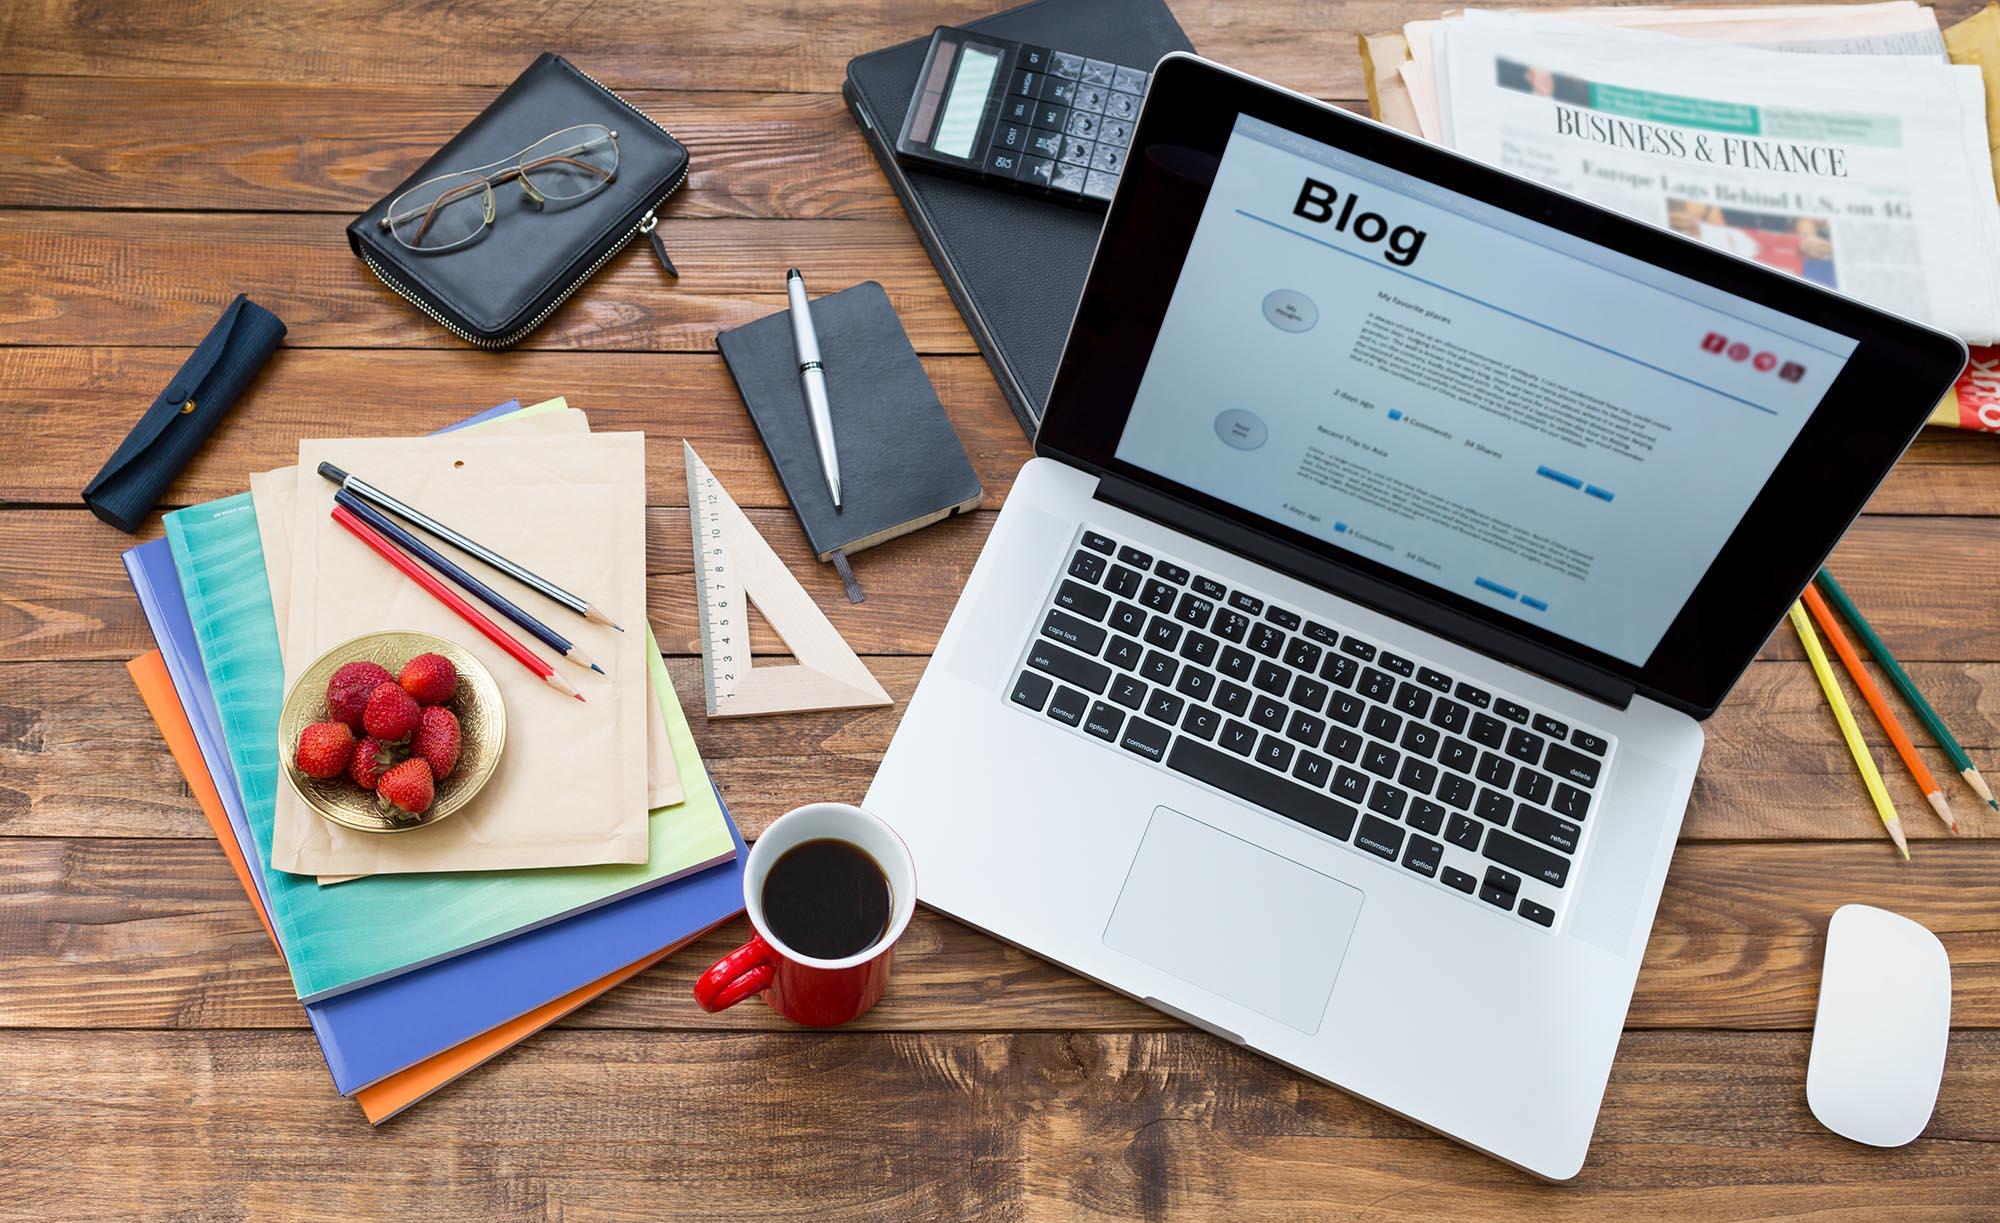 چیزهایی که وبلاگ نویسان باید بدانند